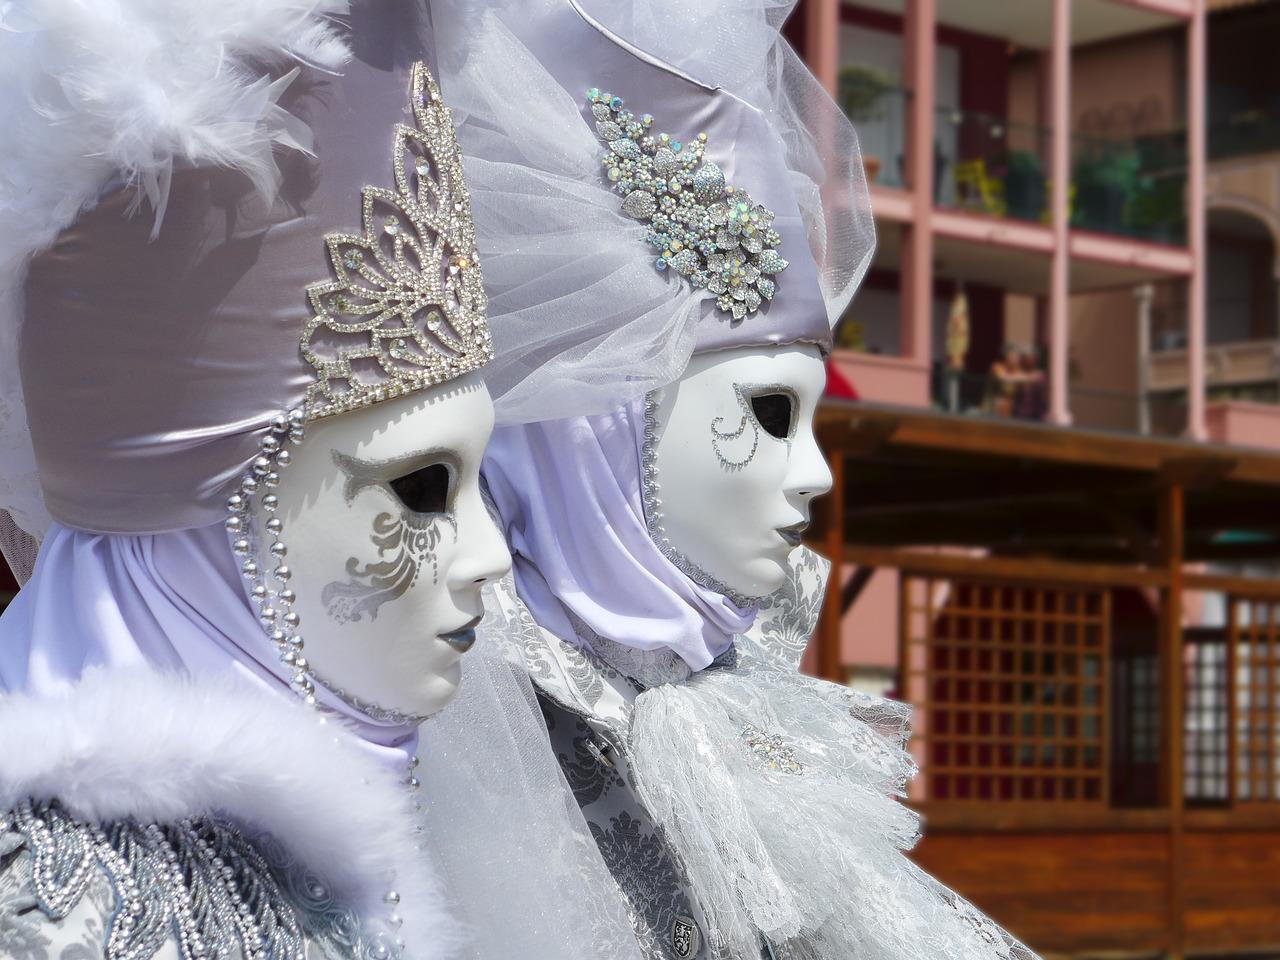 Velencei-Karneval-Jelmezek-12.jpg